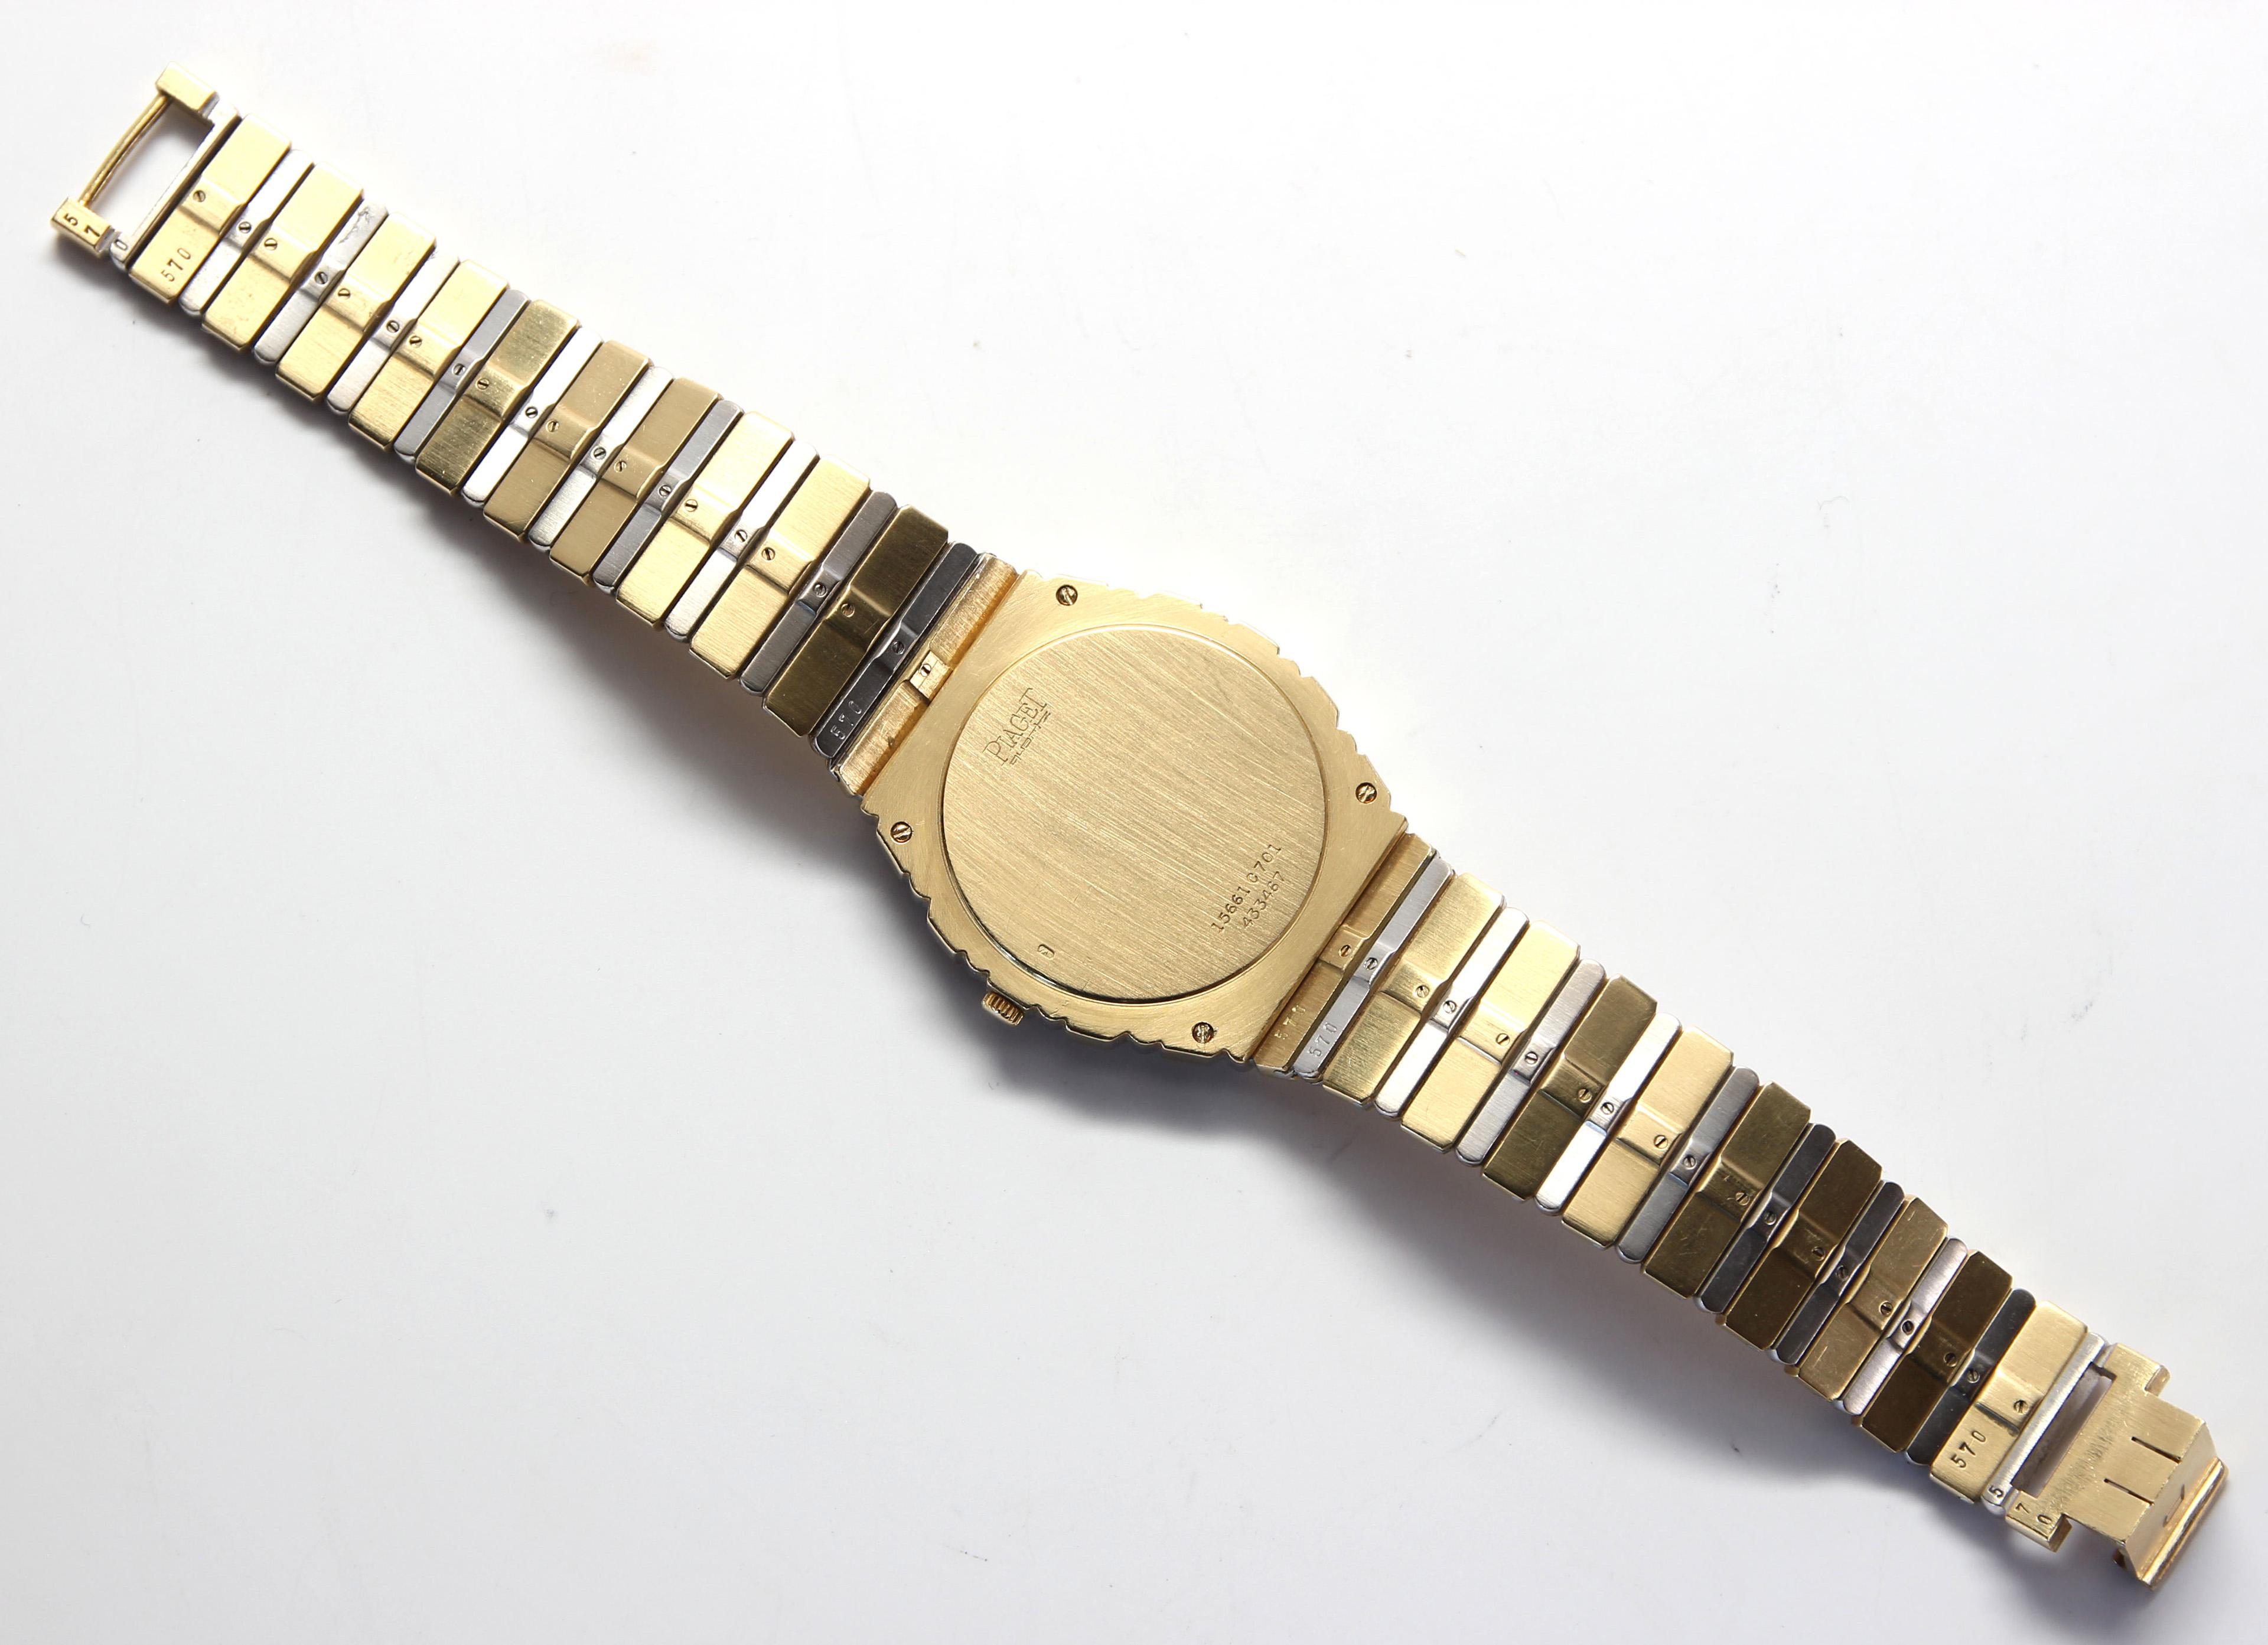 Lot 2880 - Piaget TwoTone 18k gold Polo Wristwatch